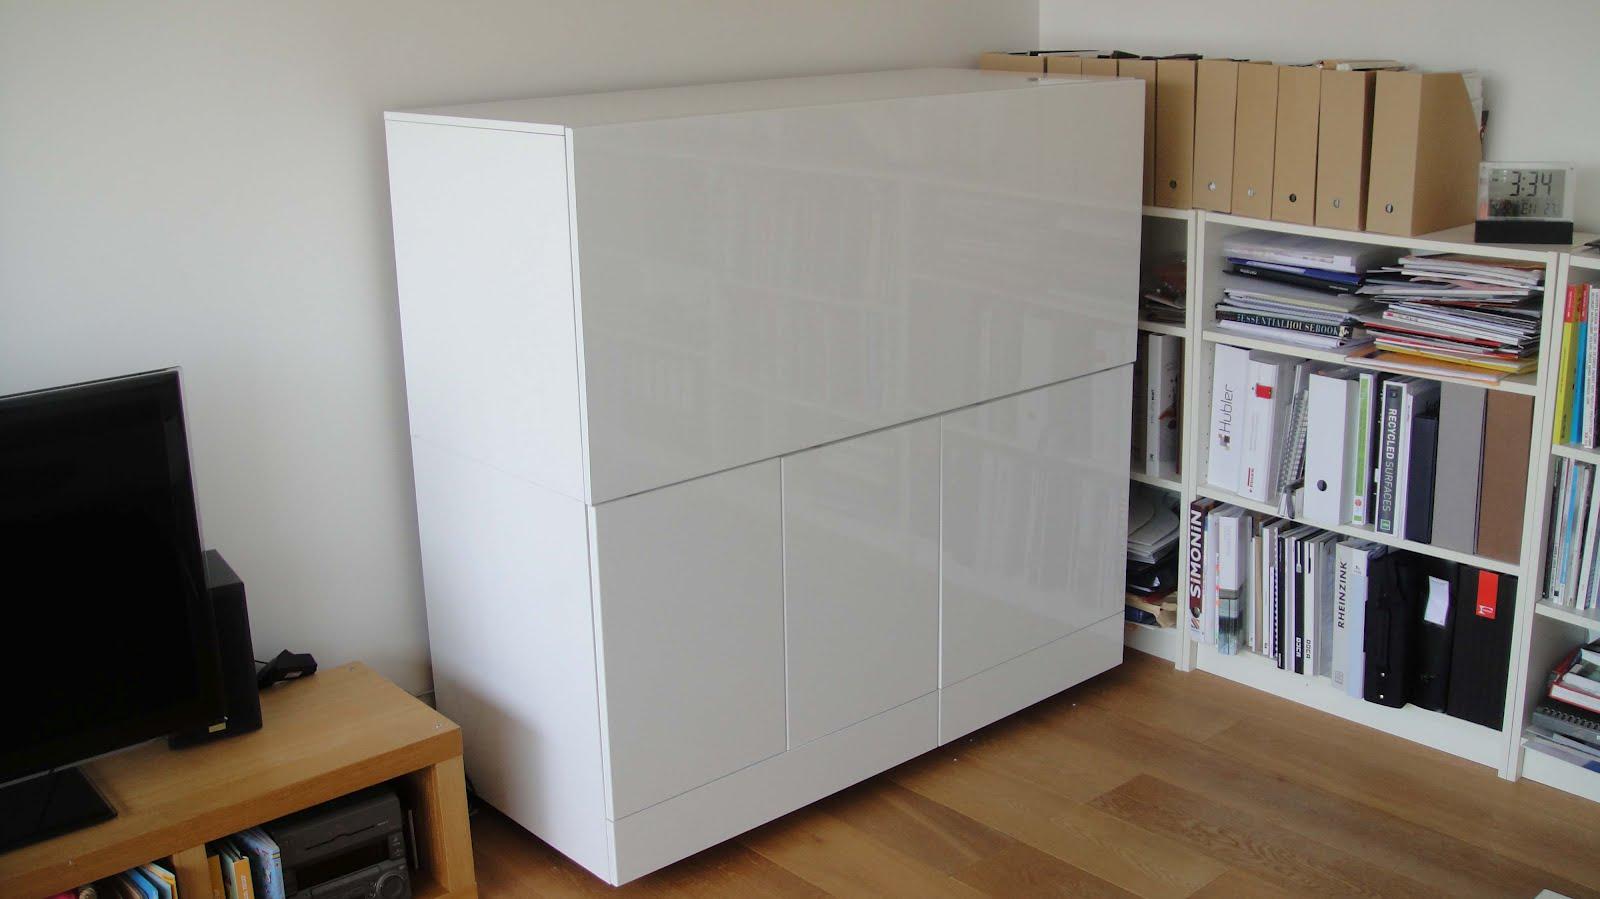 Box Office Multimedia Workstation IKEA Hackers